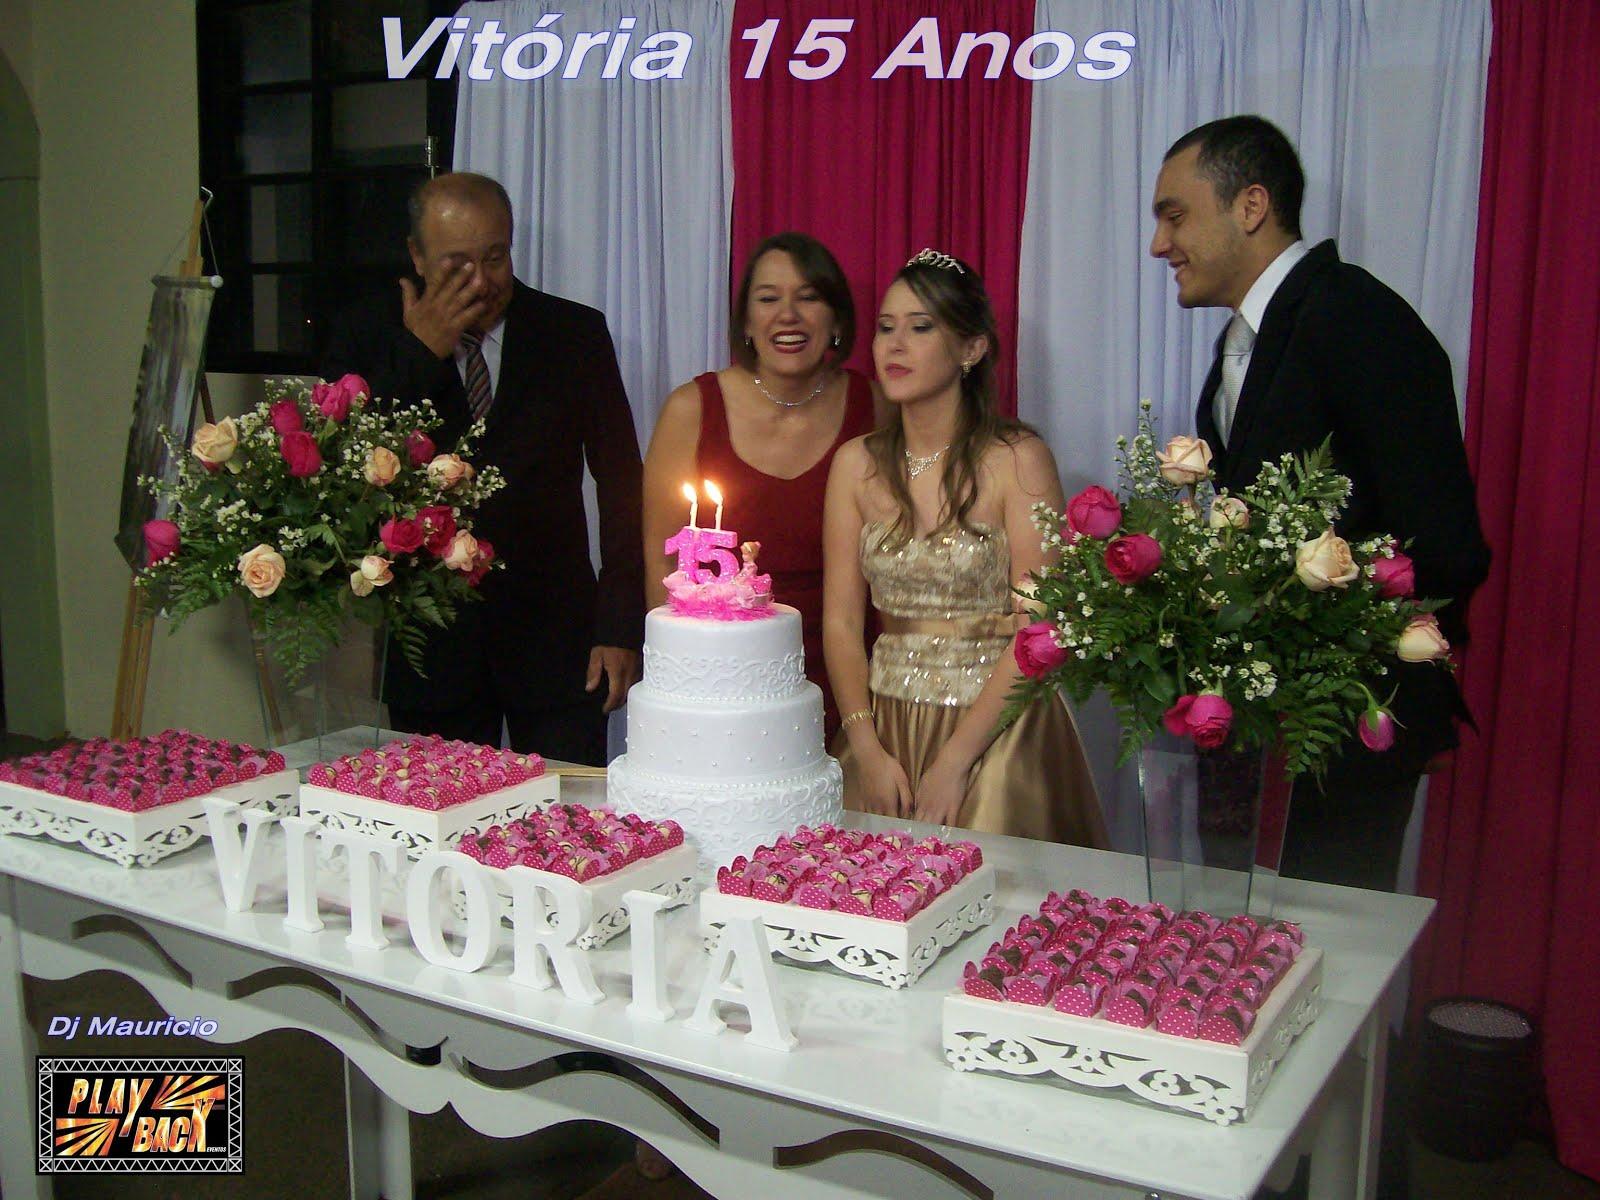 Aniversário de 15 Anos Vitória